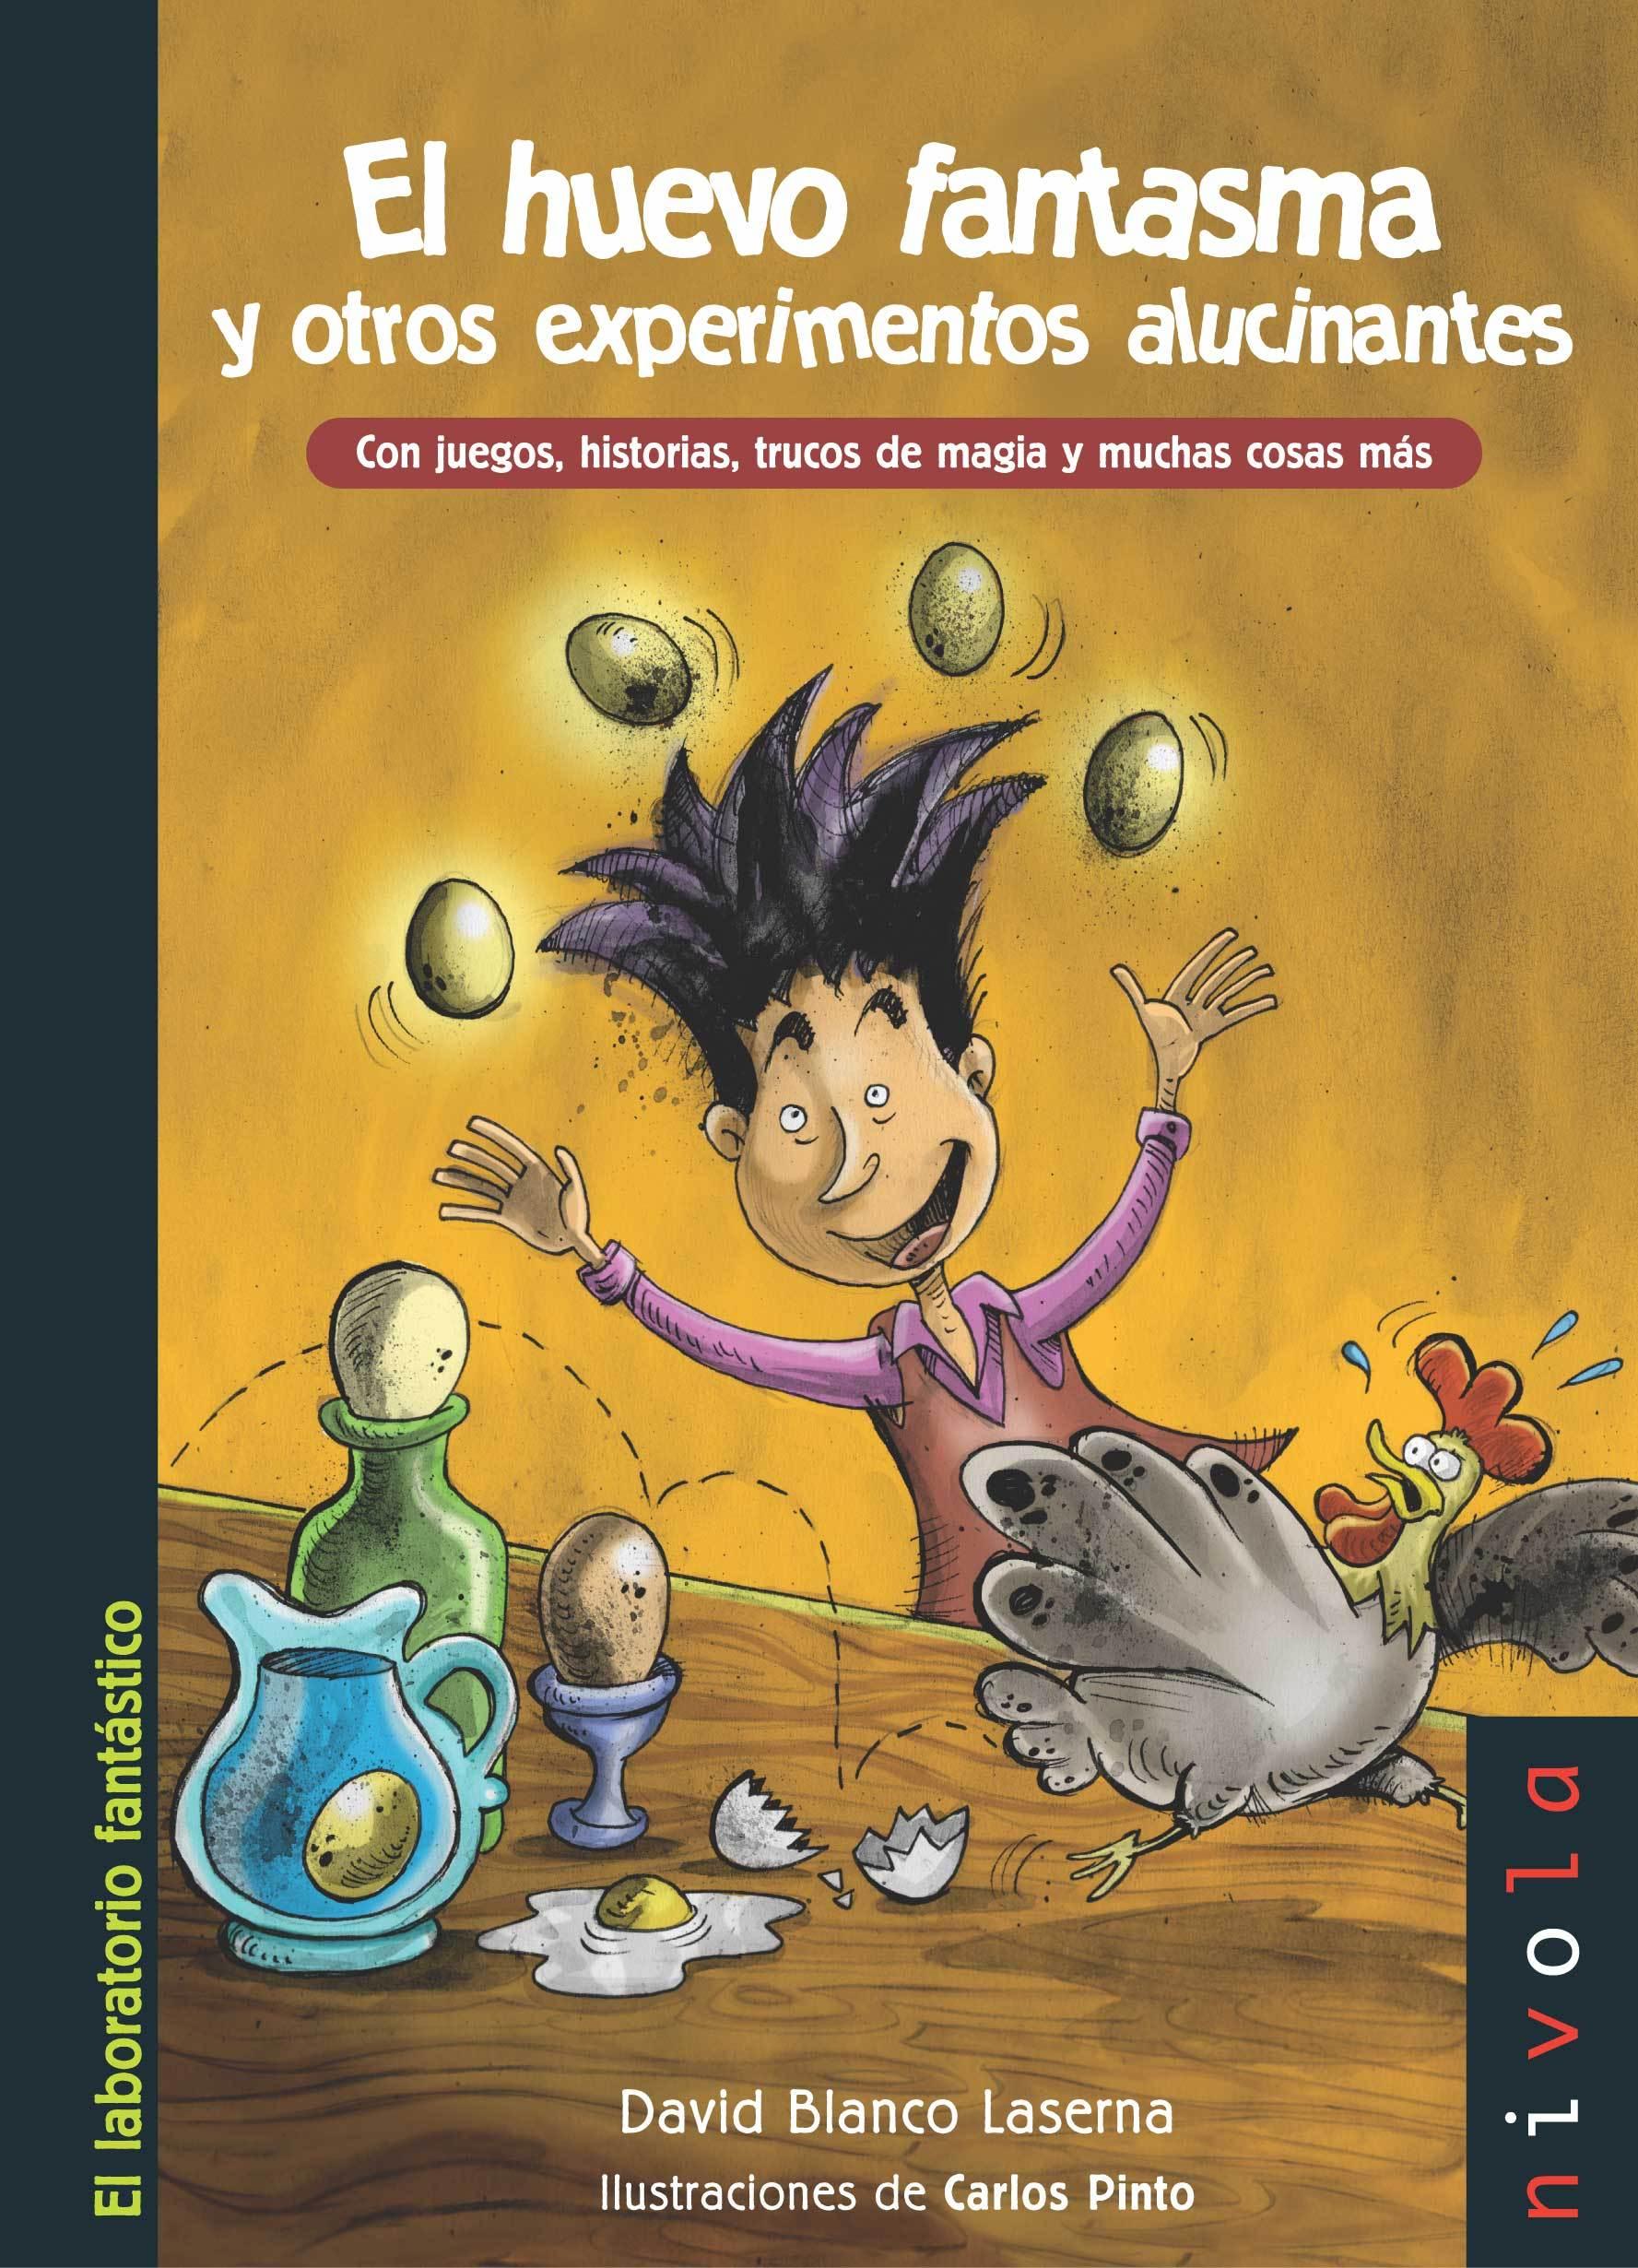 El huevo fantasma y otros experimentos alucinantes. Por David Blanco Laserna